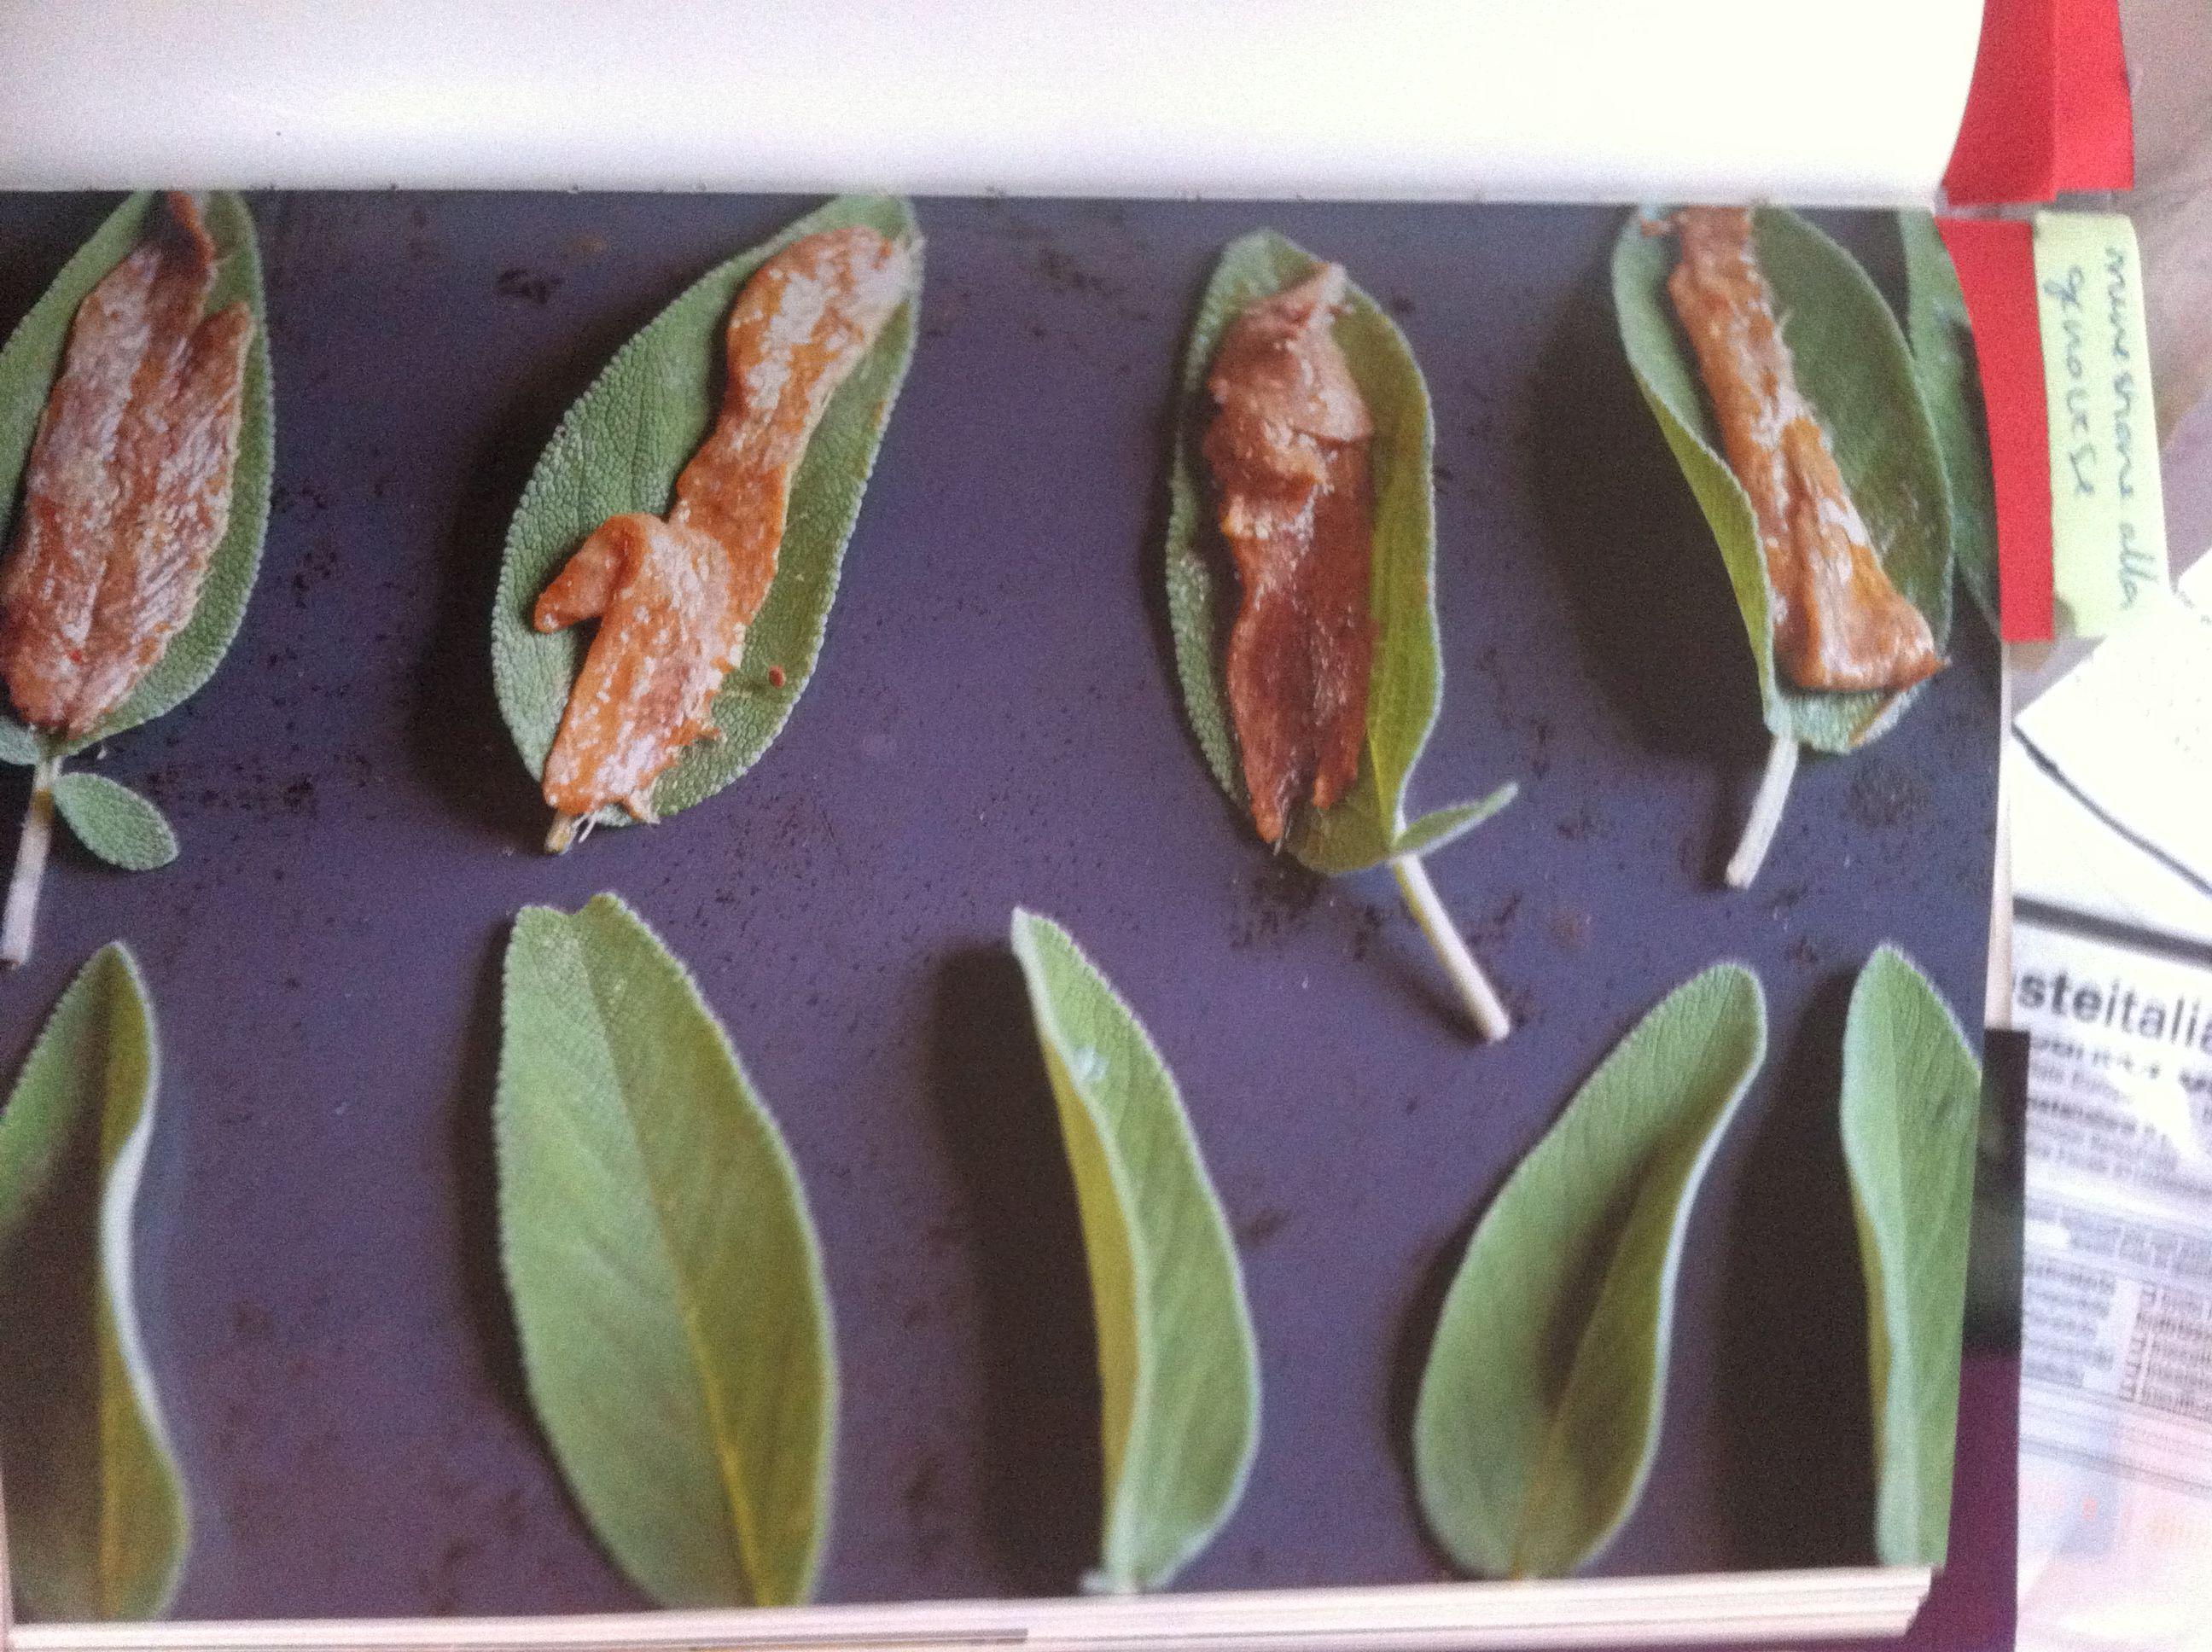 uit Italie thuis, mooie presentatie gefrituurde slaieblaadjes